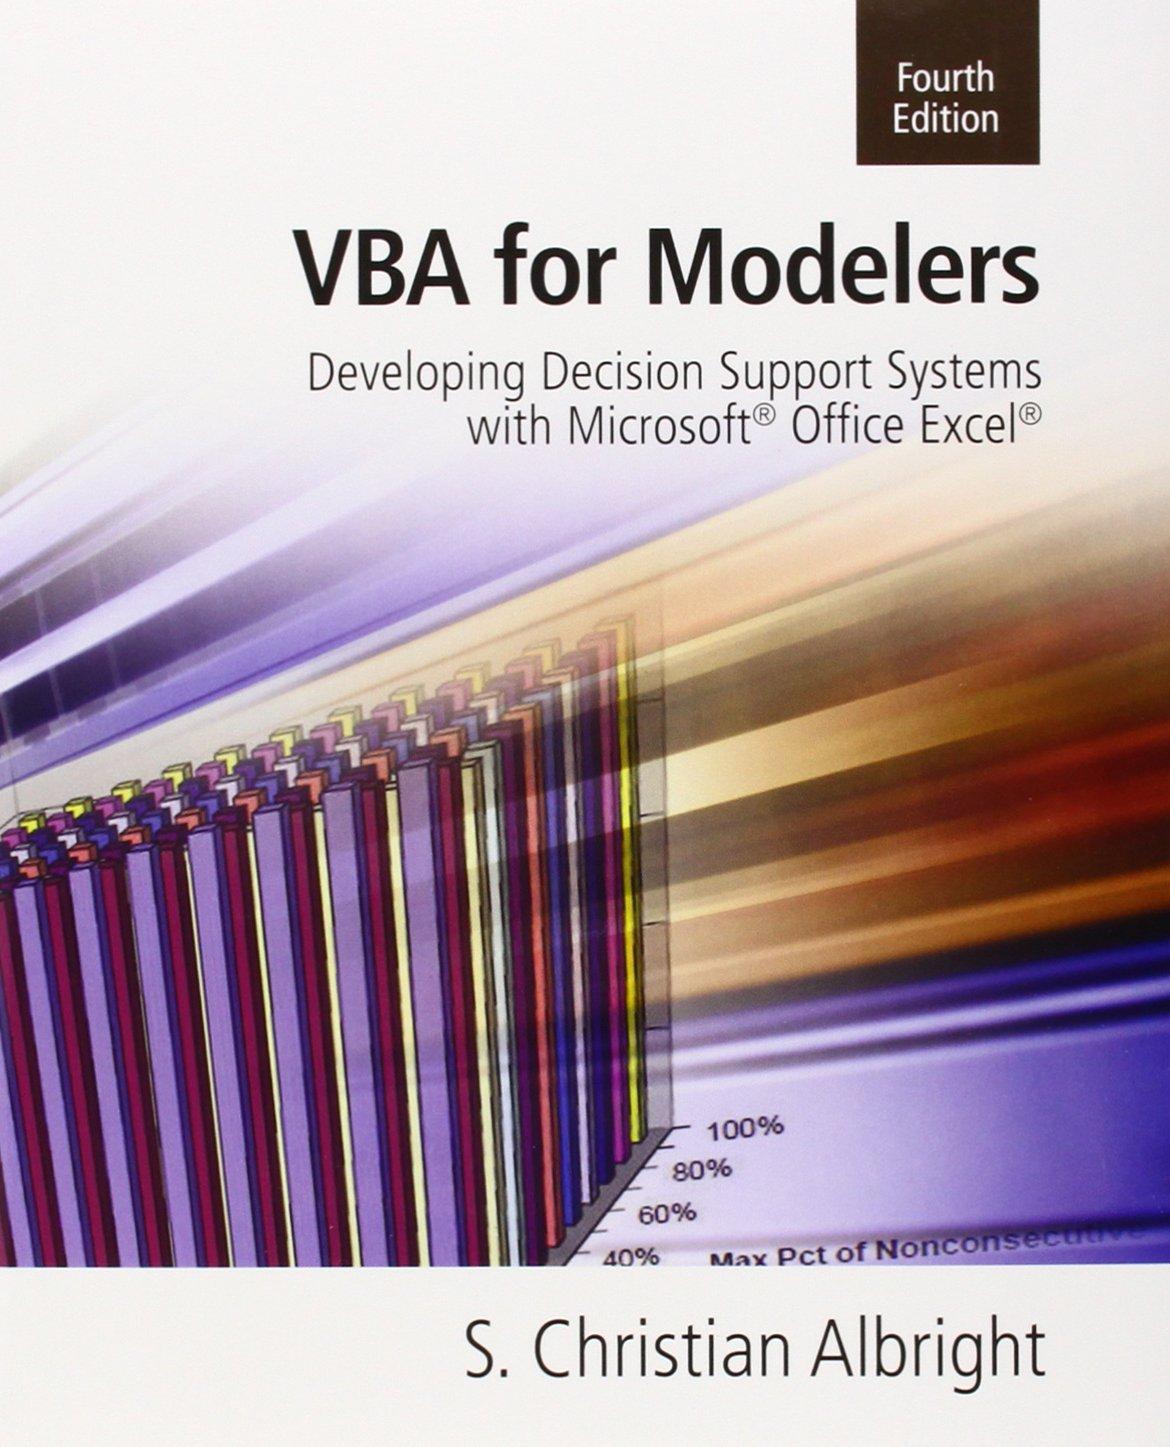 VBA for Modelers ISBN-13 9781133190875